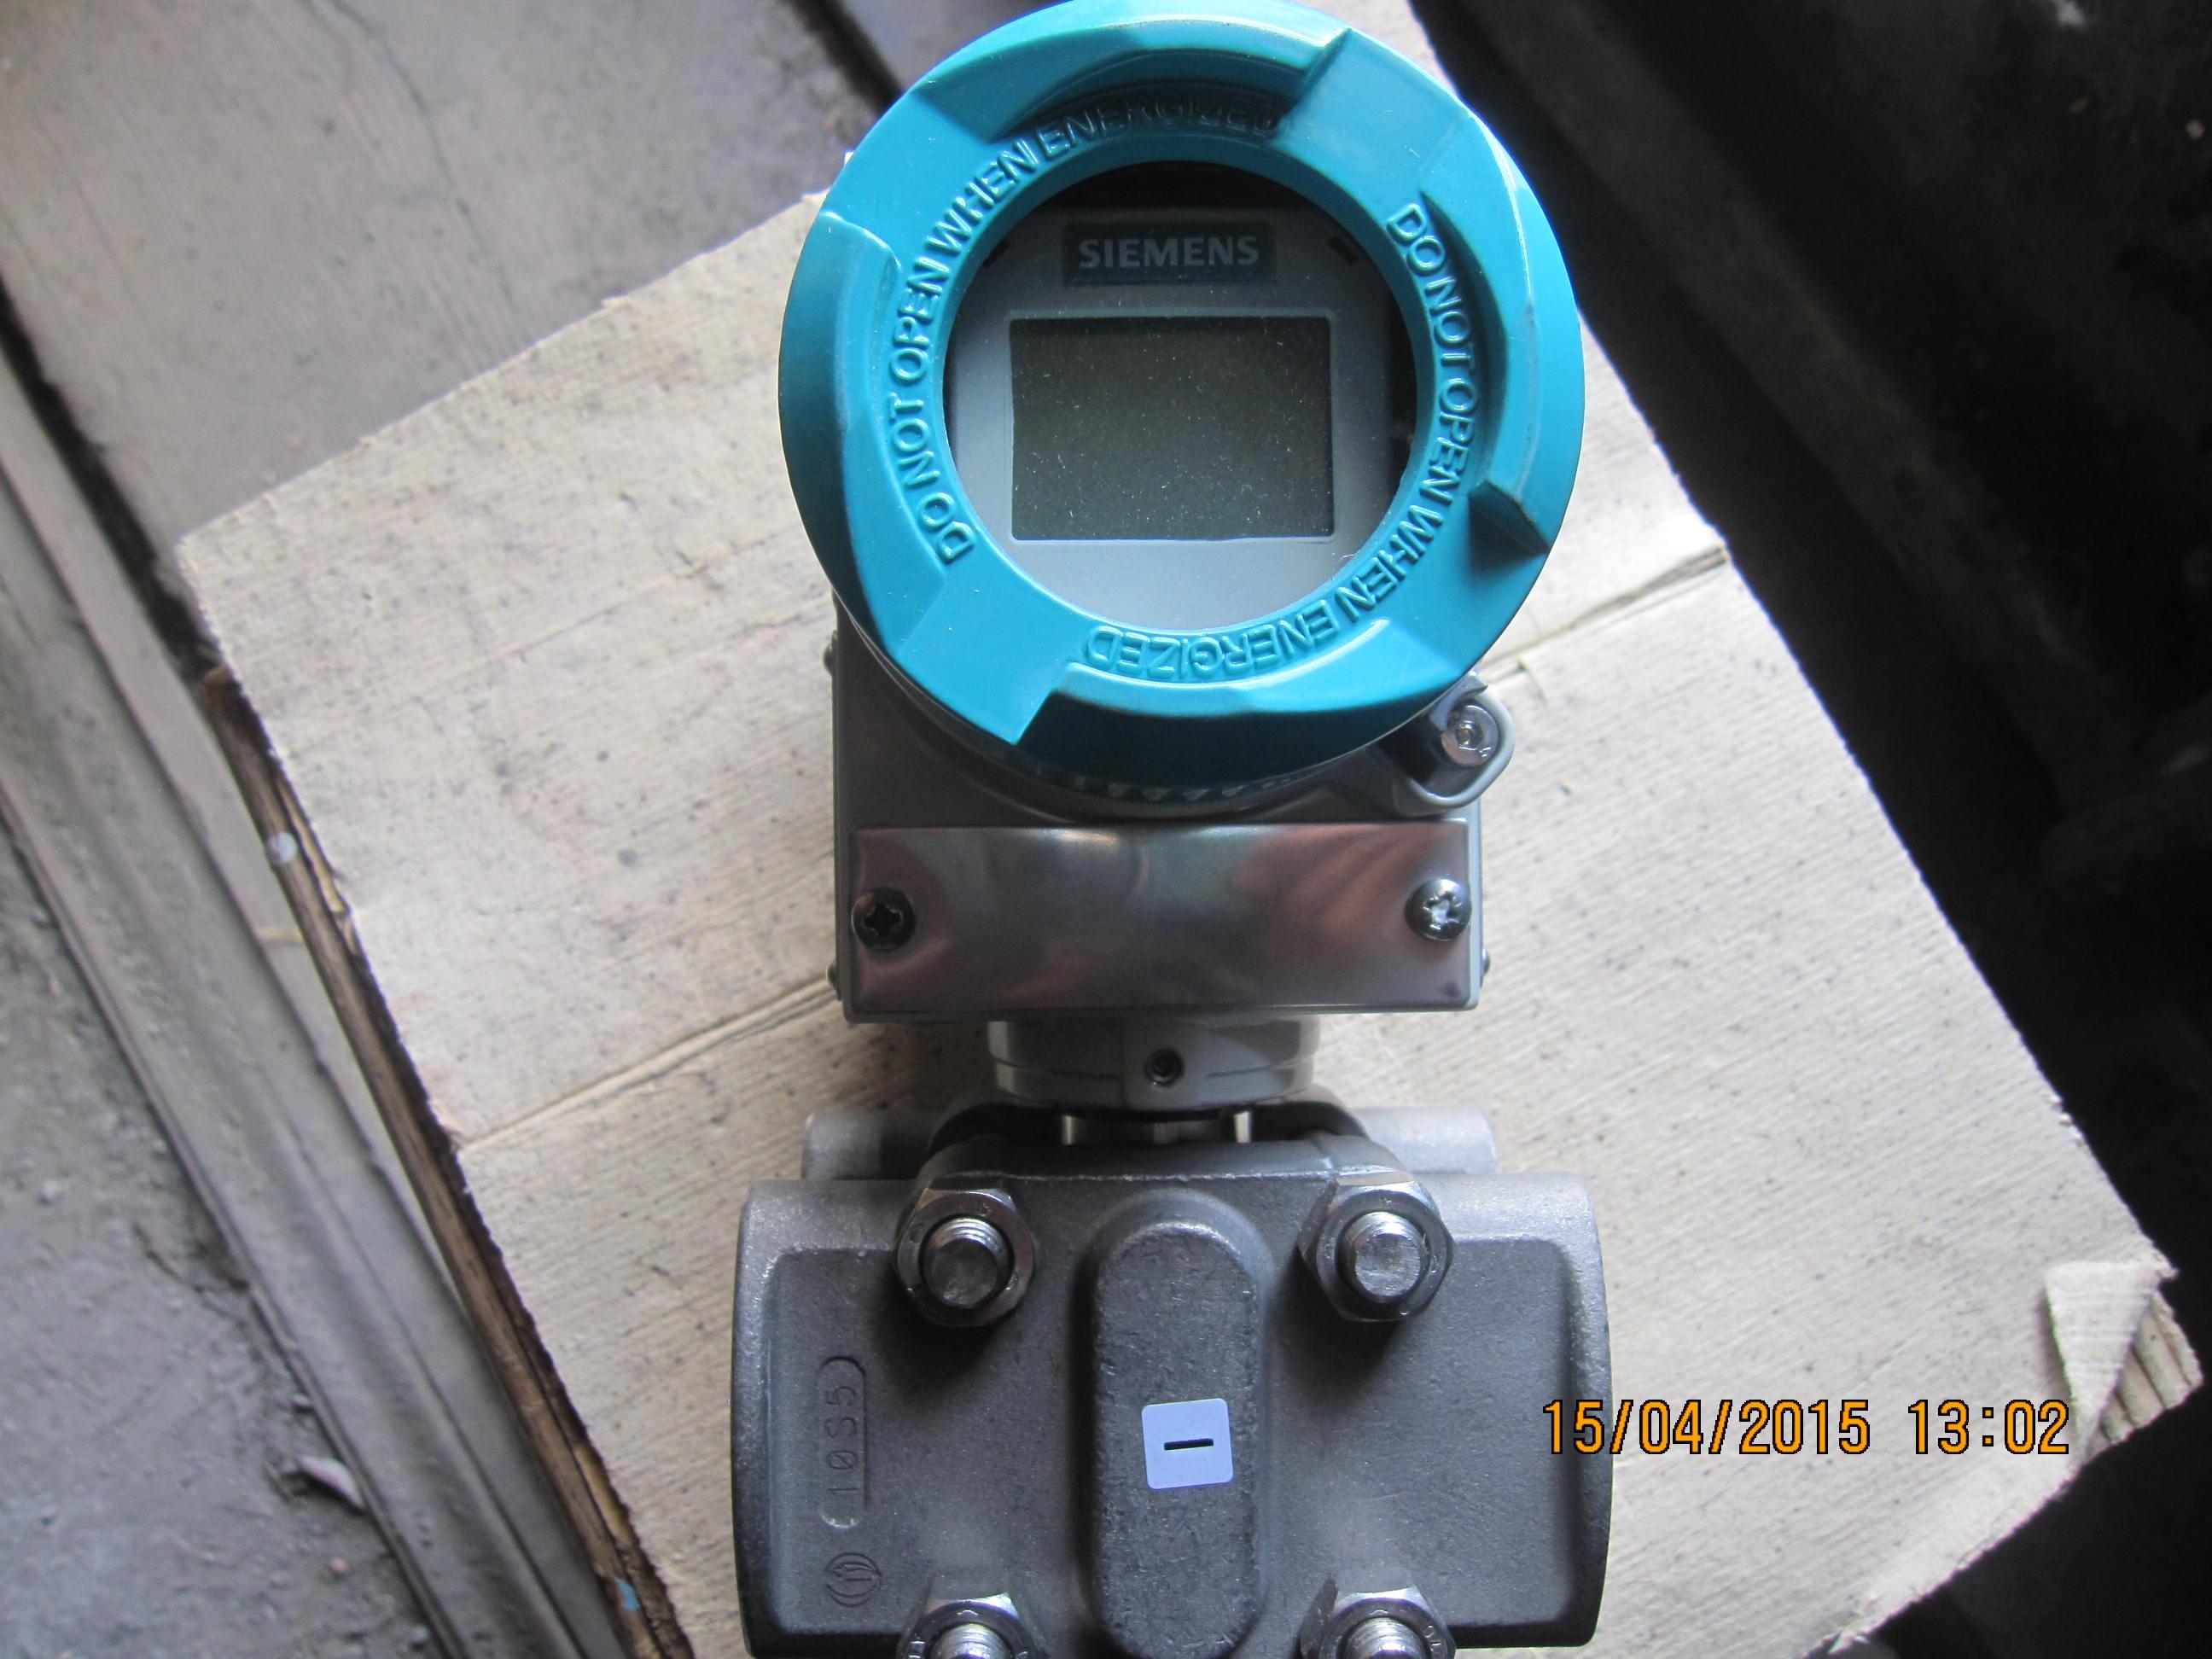 Sitrans P 7MF4433 датчик давления и расхода, зображення 1